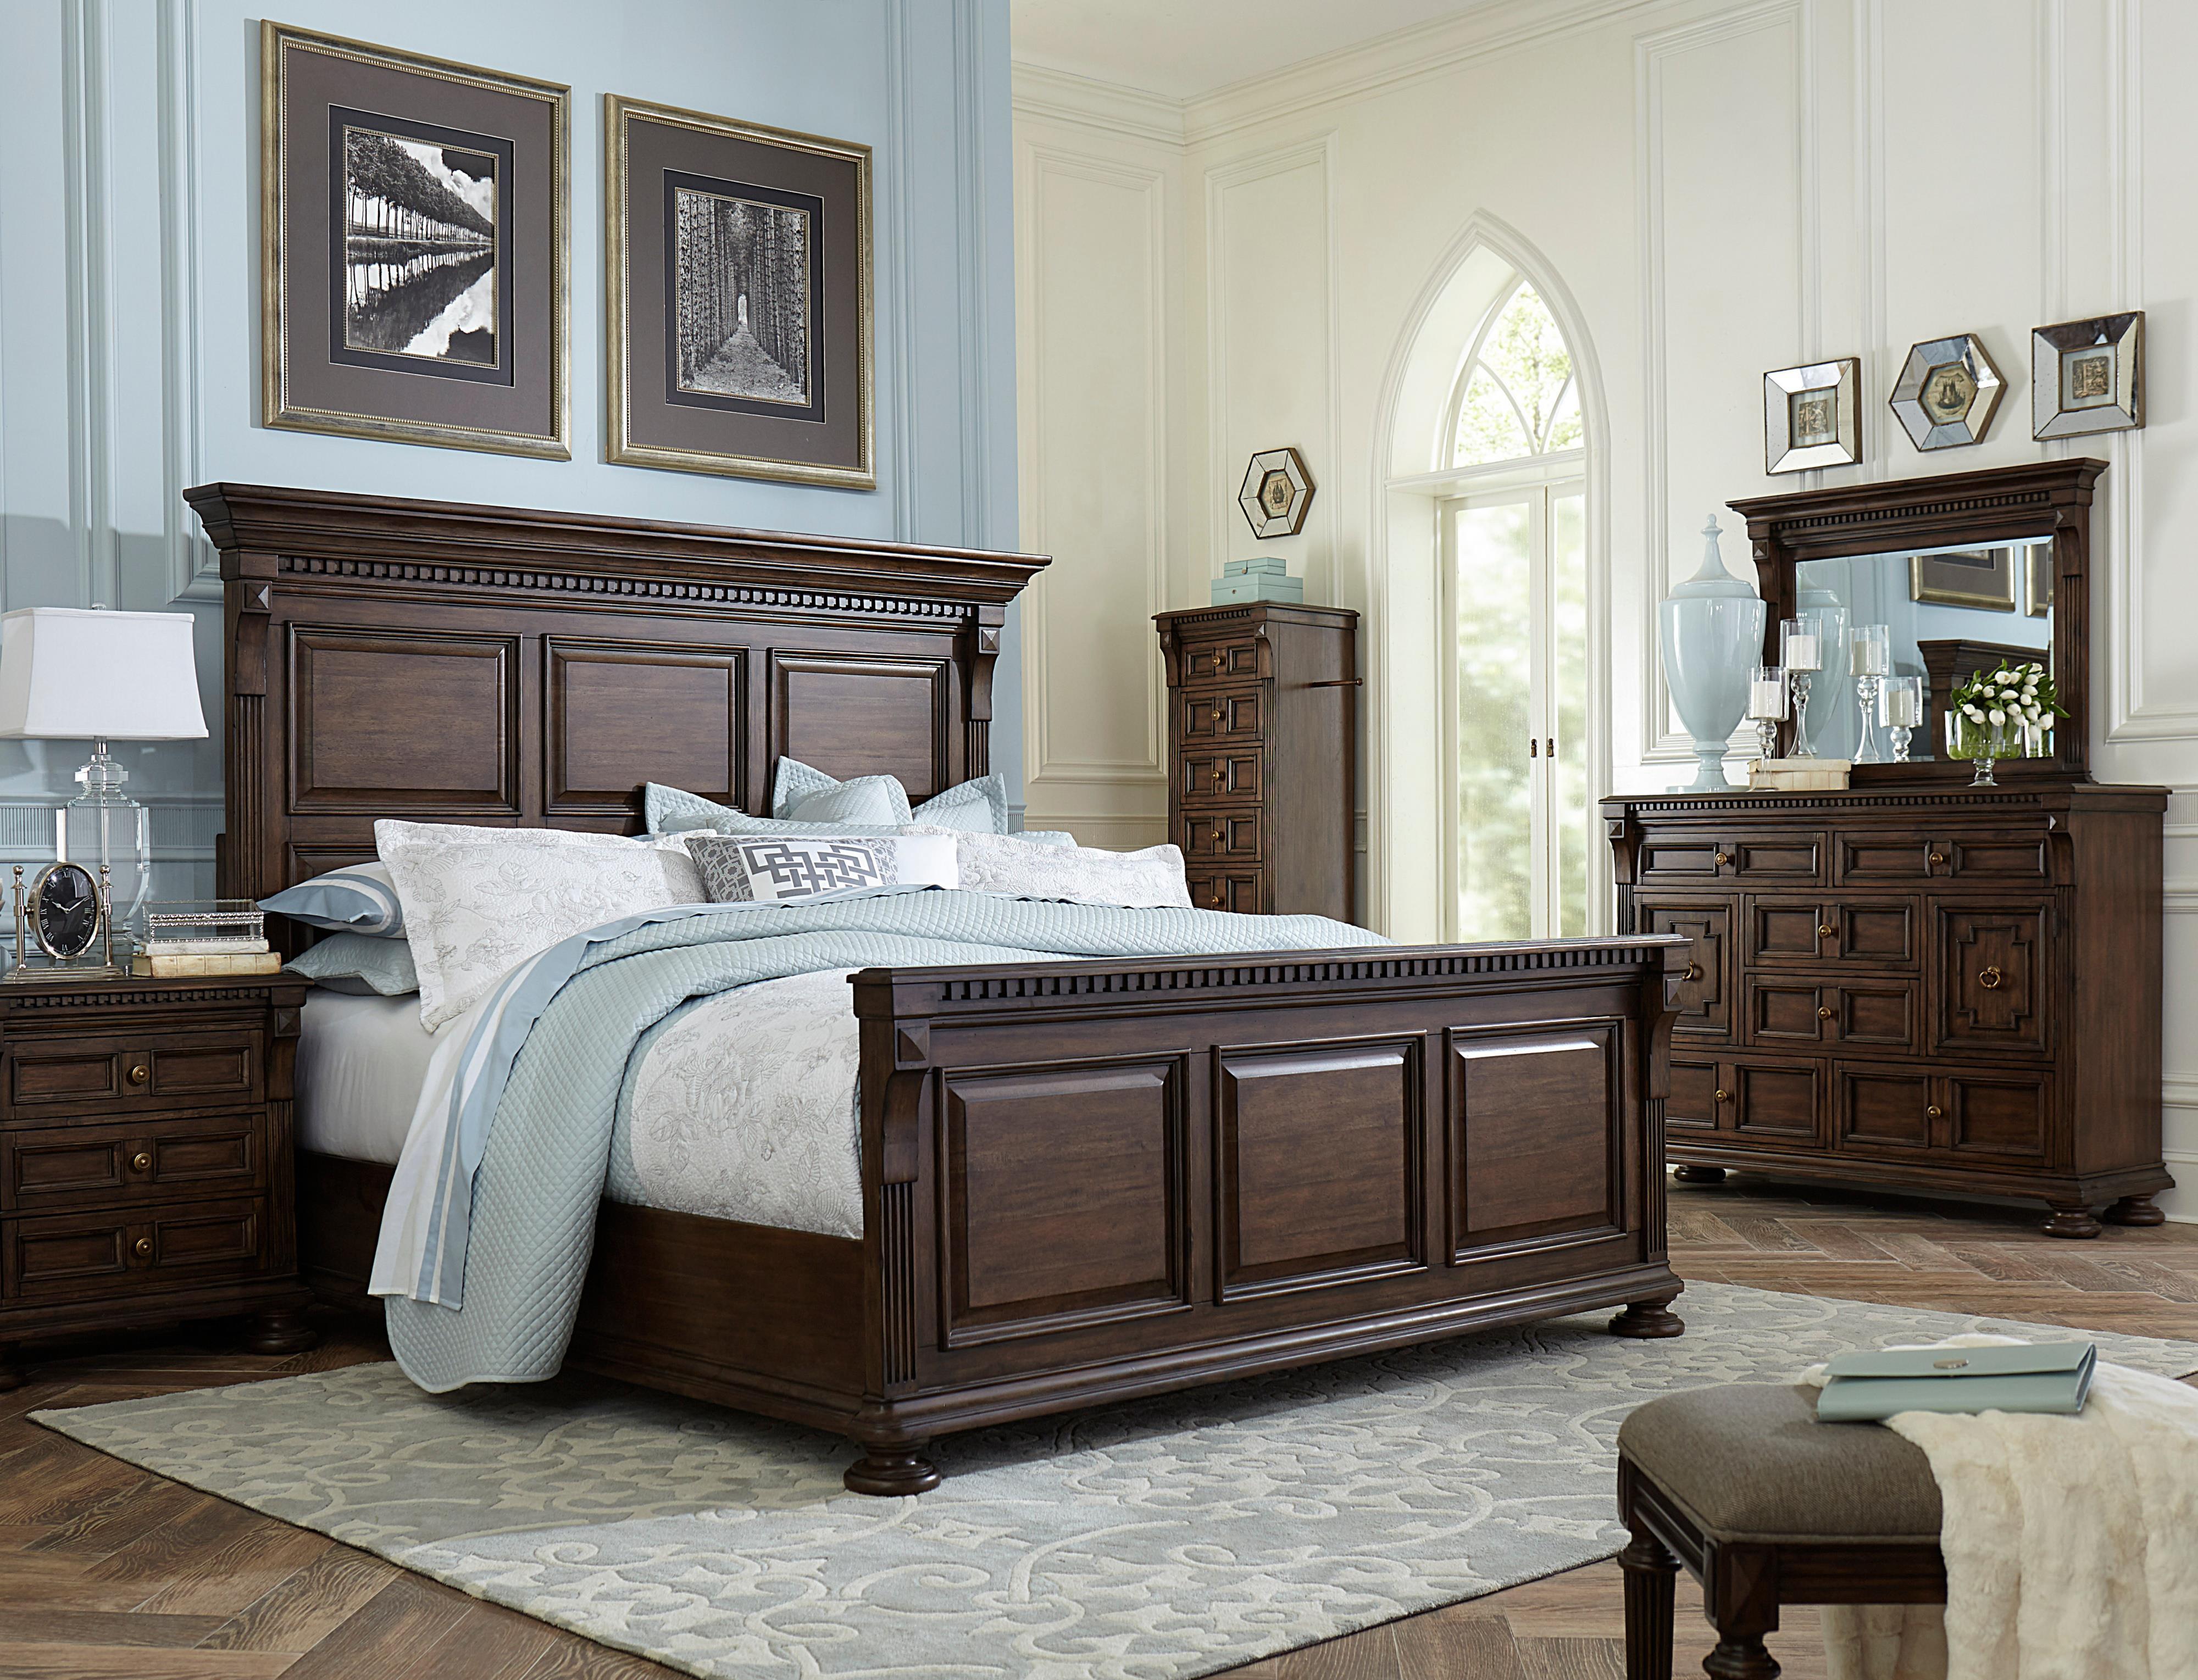 Broyhill Furniture Lyla King Bedroom Group - Item Number: 4912 K Bedroom Group 1